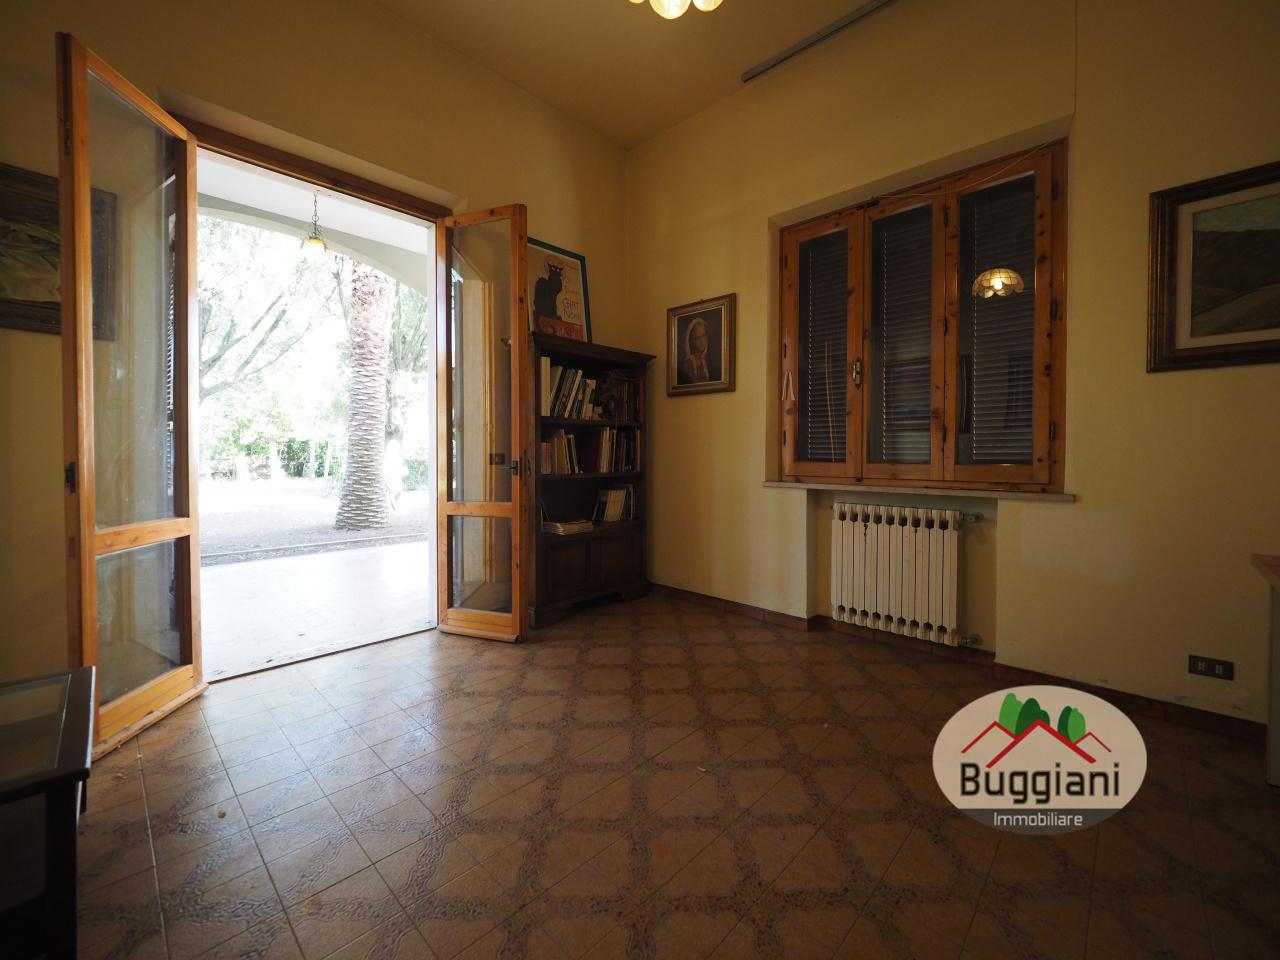 Villa in vendita RIF. 2044, San Miniato (PI)